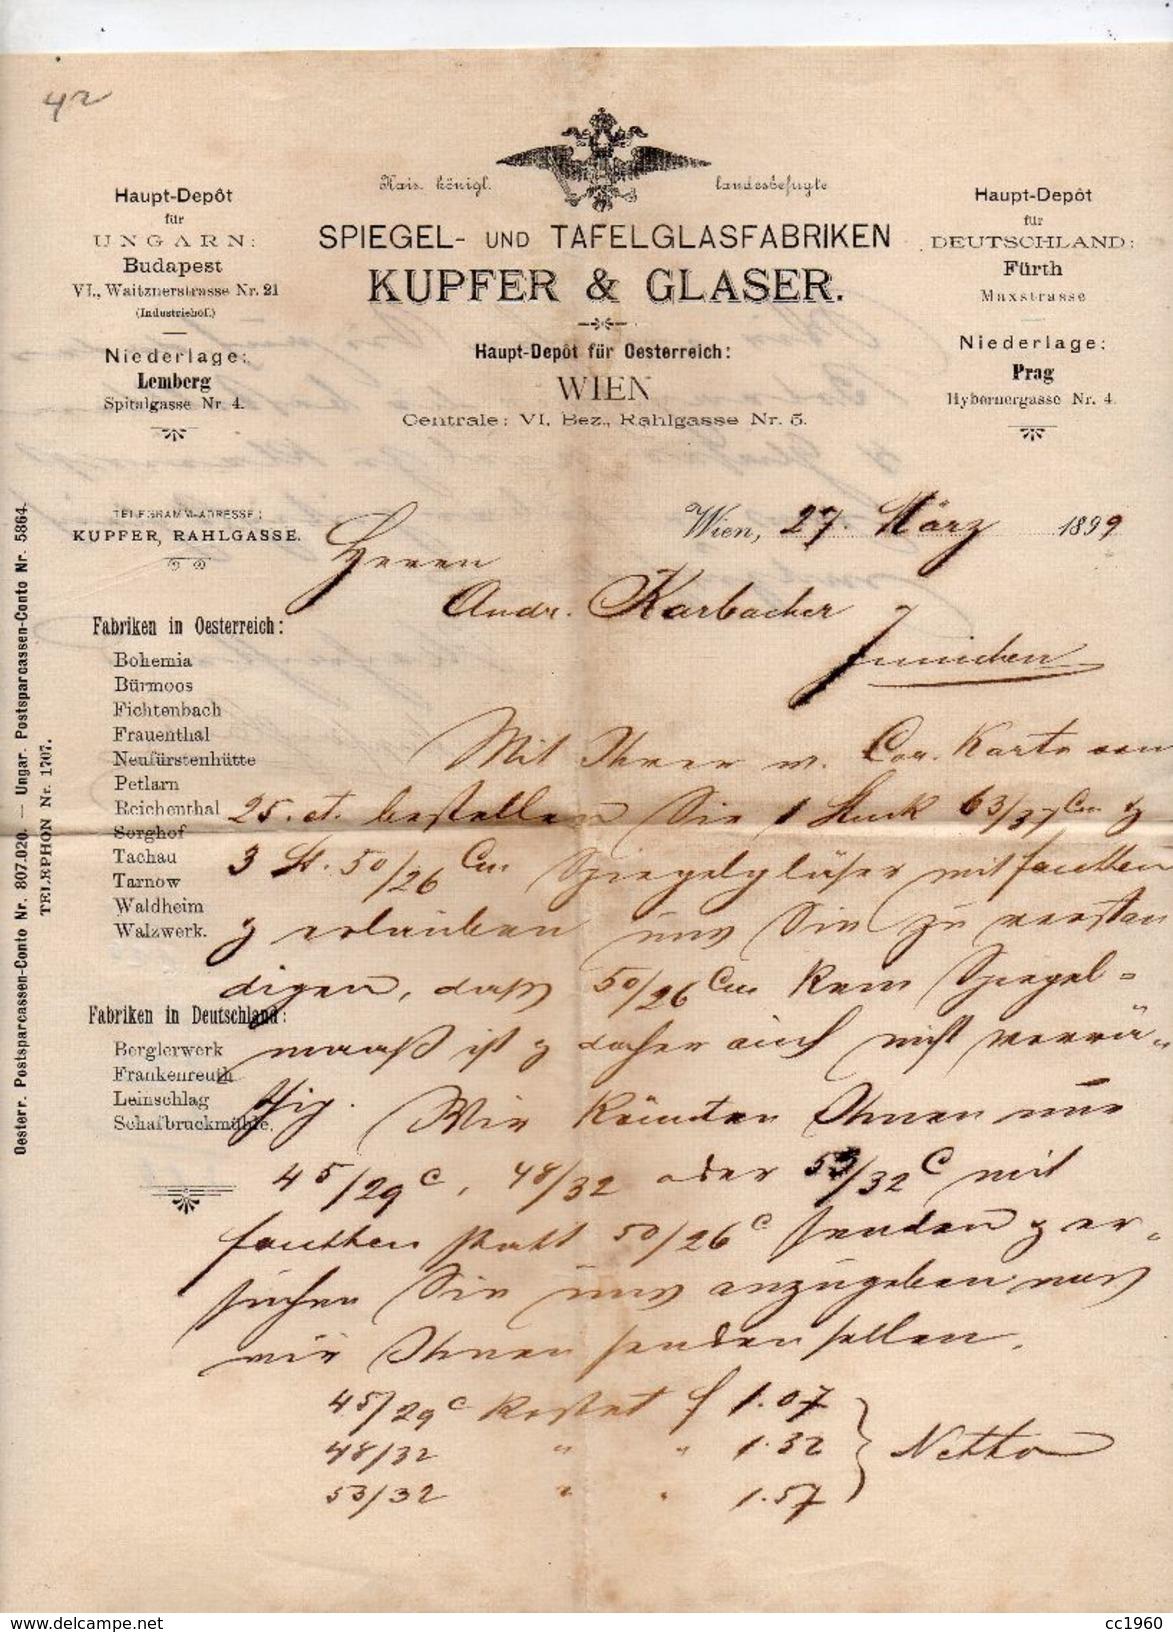 """Austria - Vienna - Lettera Della Ditta """" Kupfer & Glaser """"  Datata  27 Marzo 1899 - (FDC4981) - Austria"""